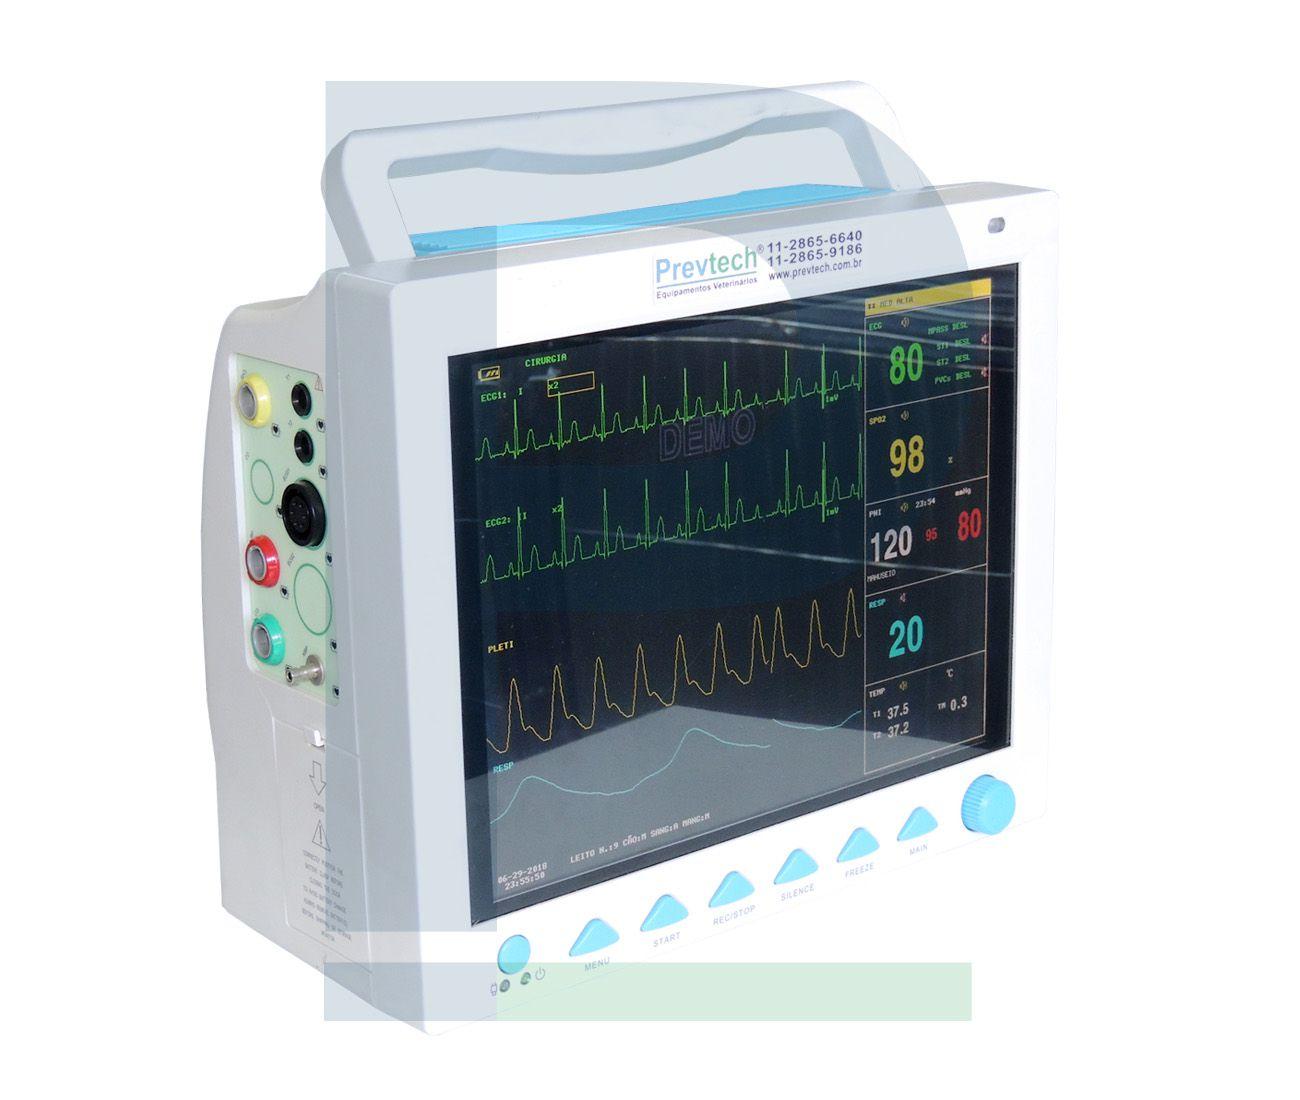 Monitor Veterinário Multiparamétrico AB 2000 - Prevtech